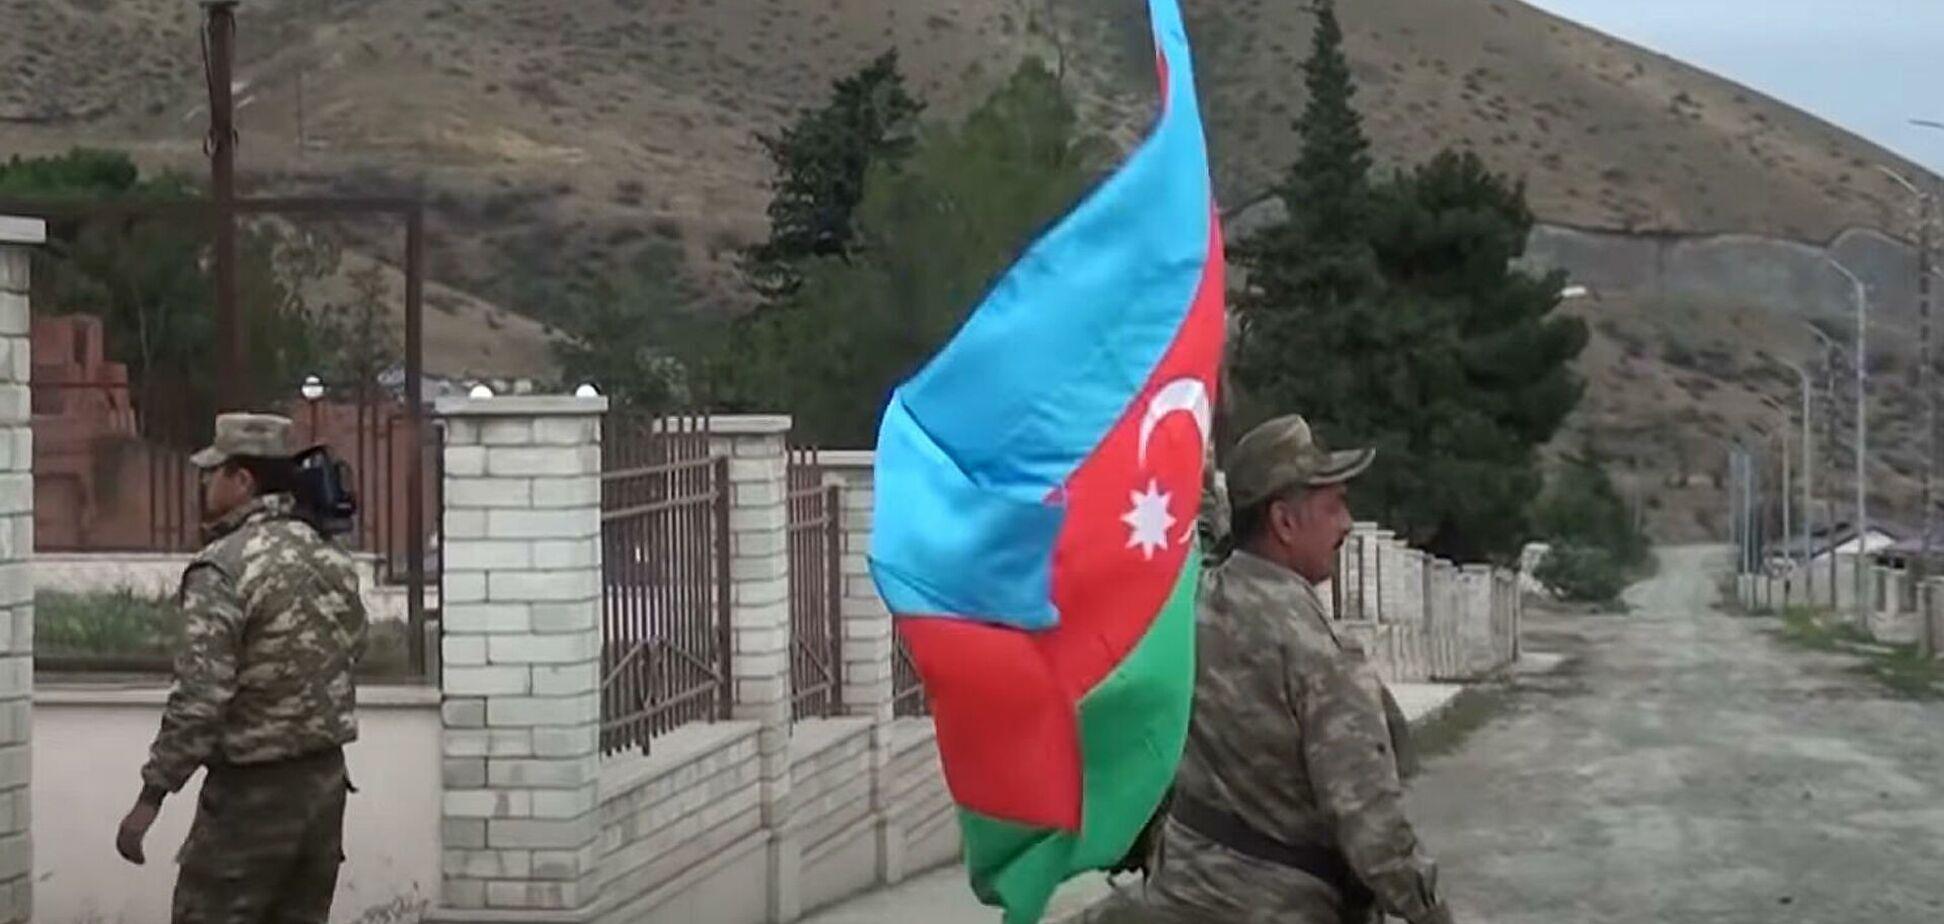 Хто виграв у війні за Нагірний Карабах?